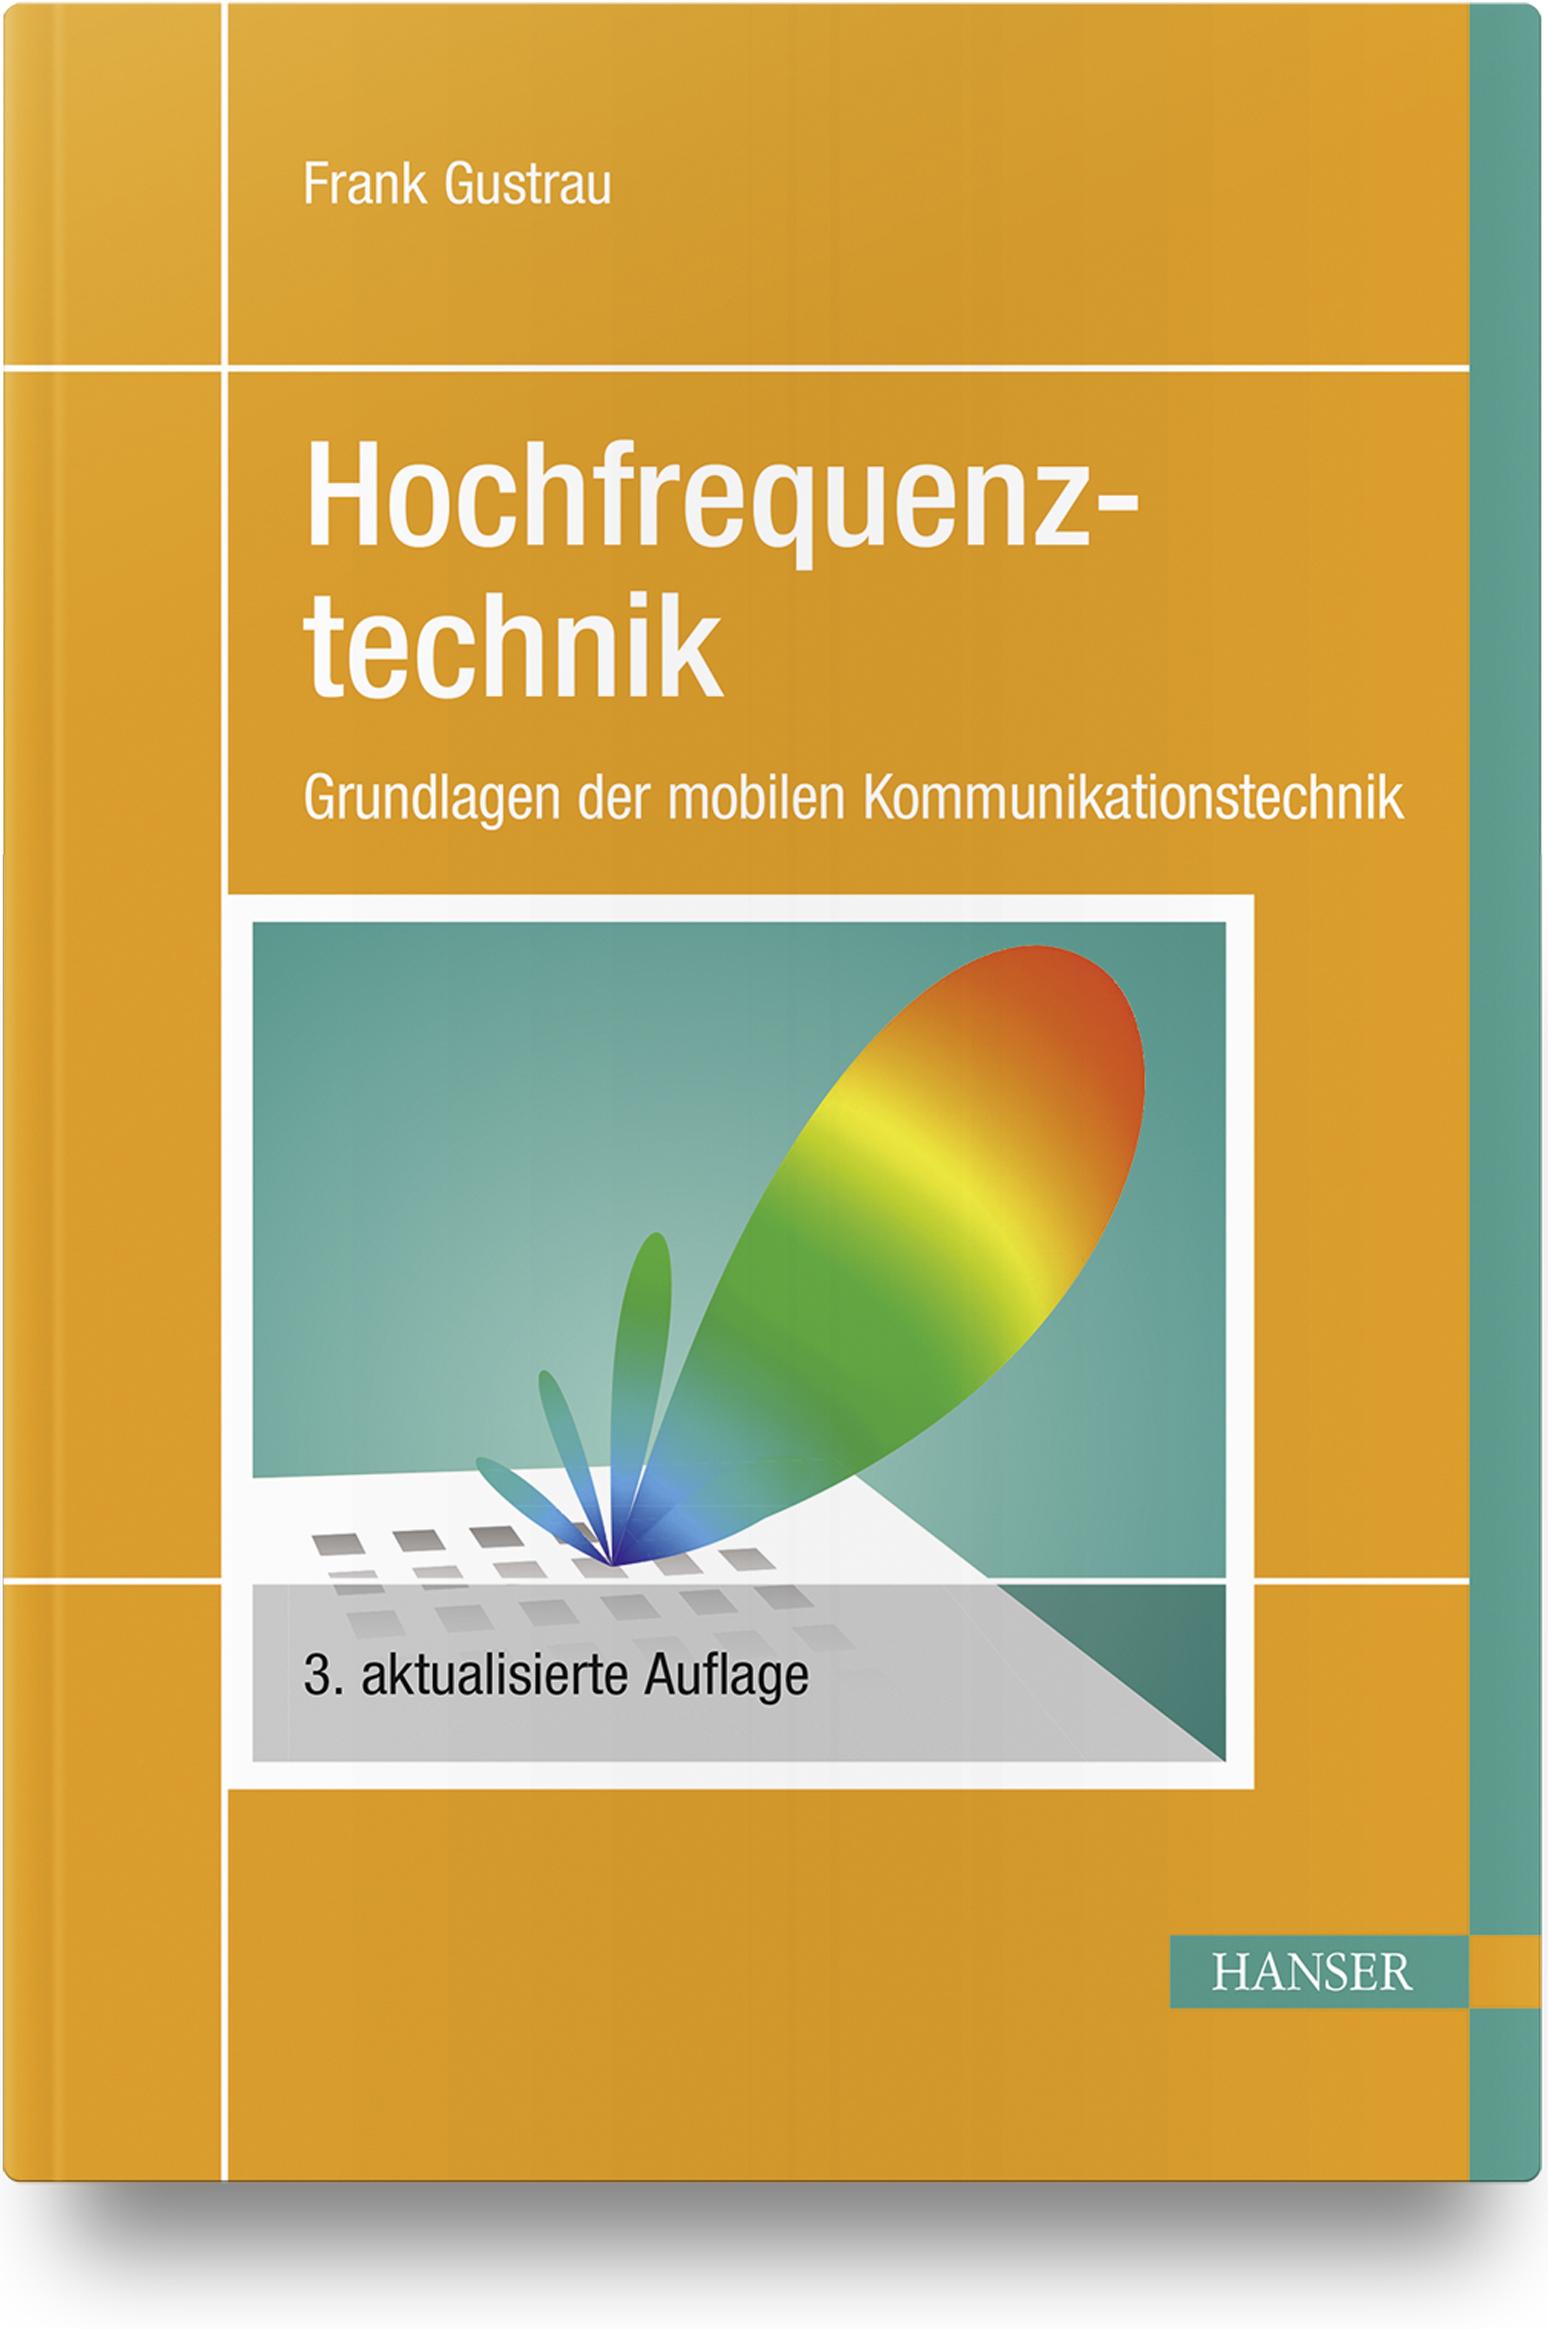 Gustrau, Hochfrequenztechnik, 978-3-446-45950-2